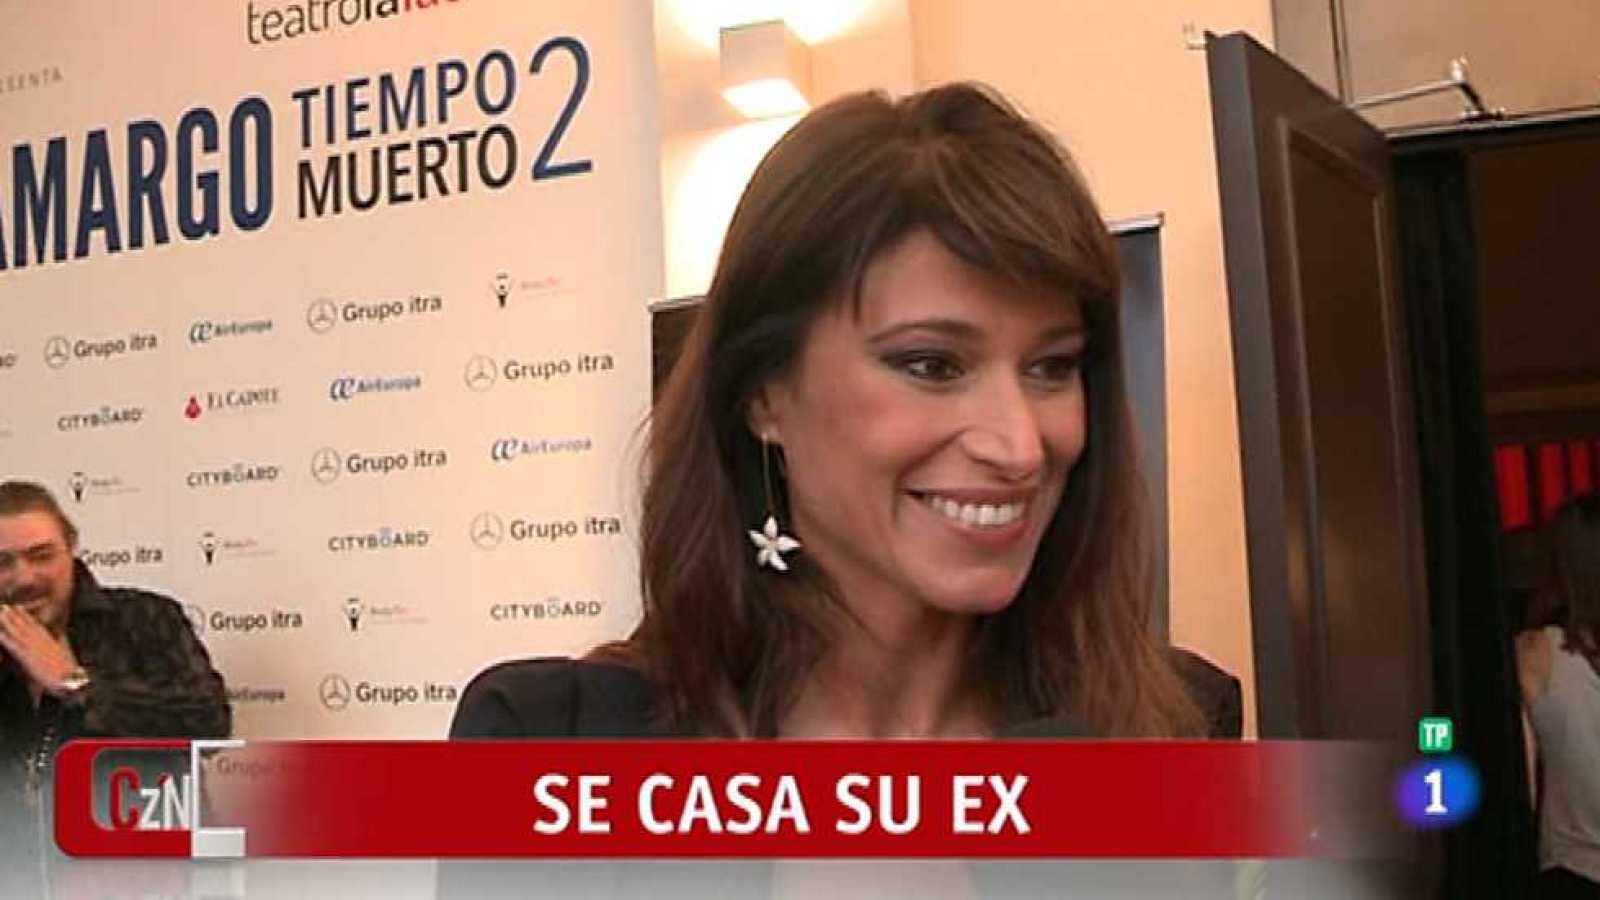 Corazón - 15/07/16 - RTVE.es